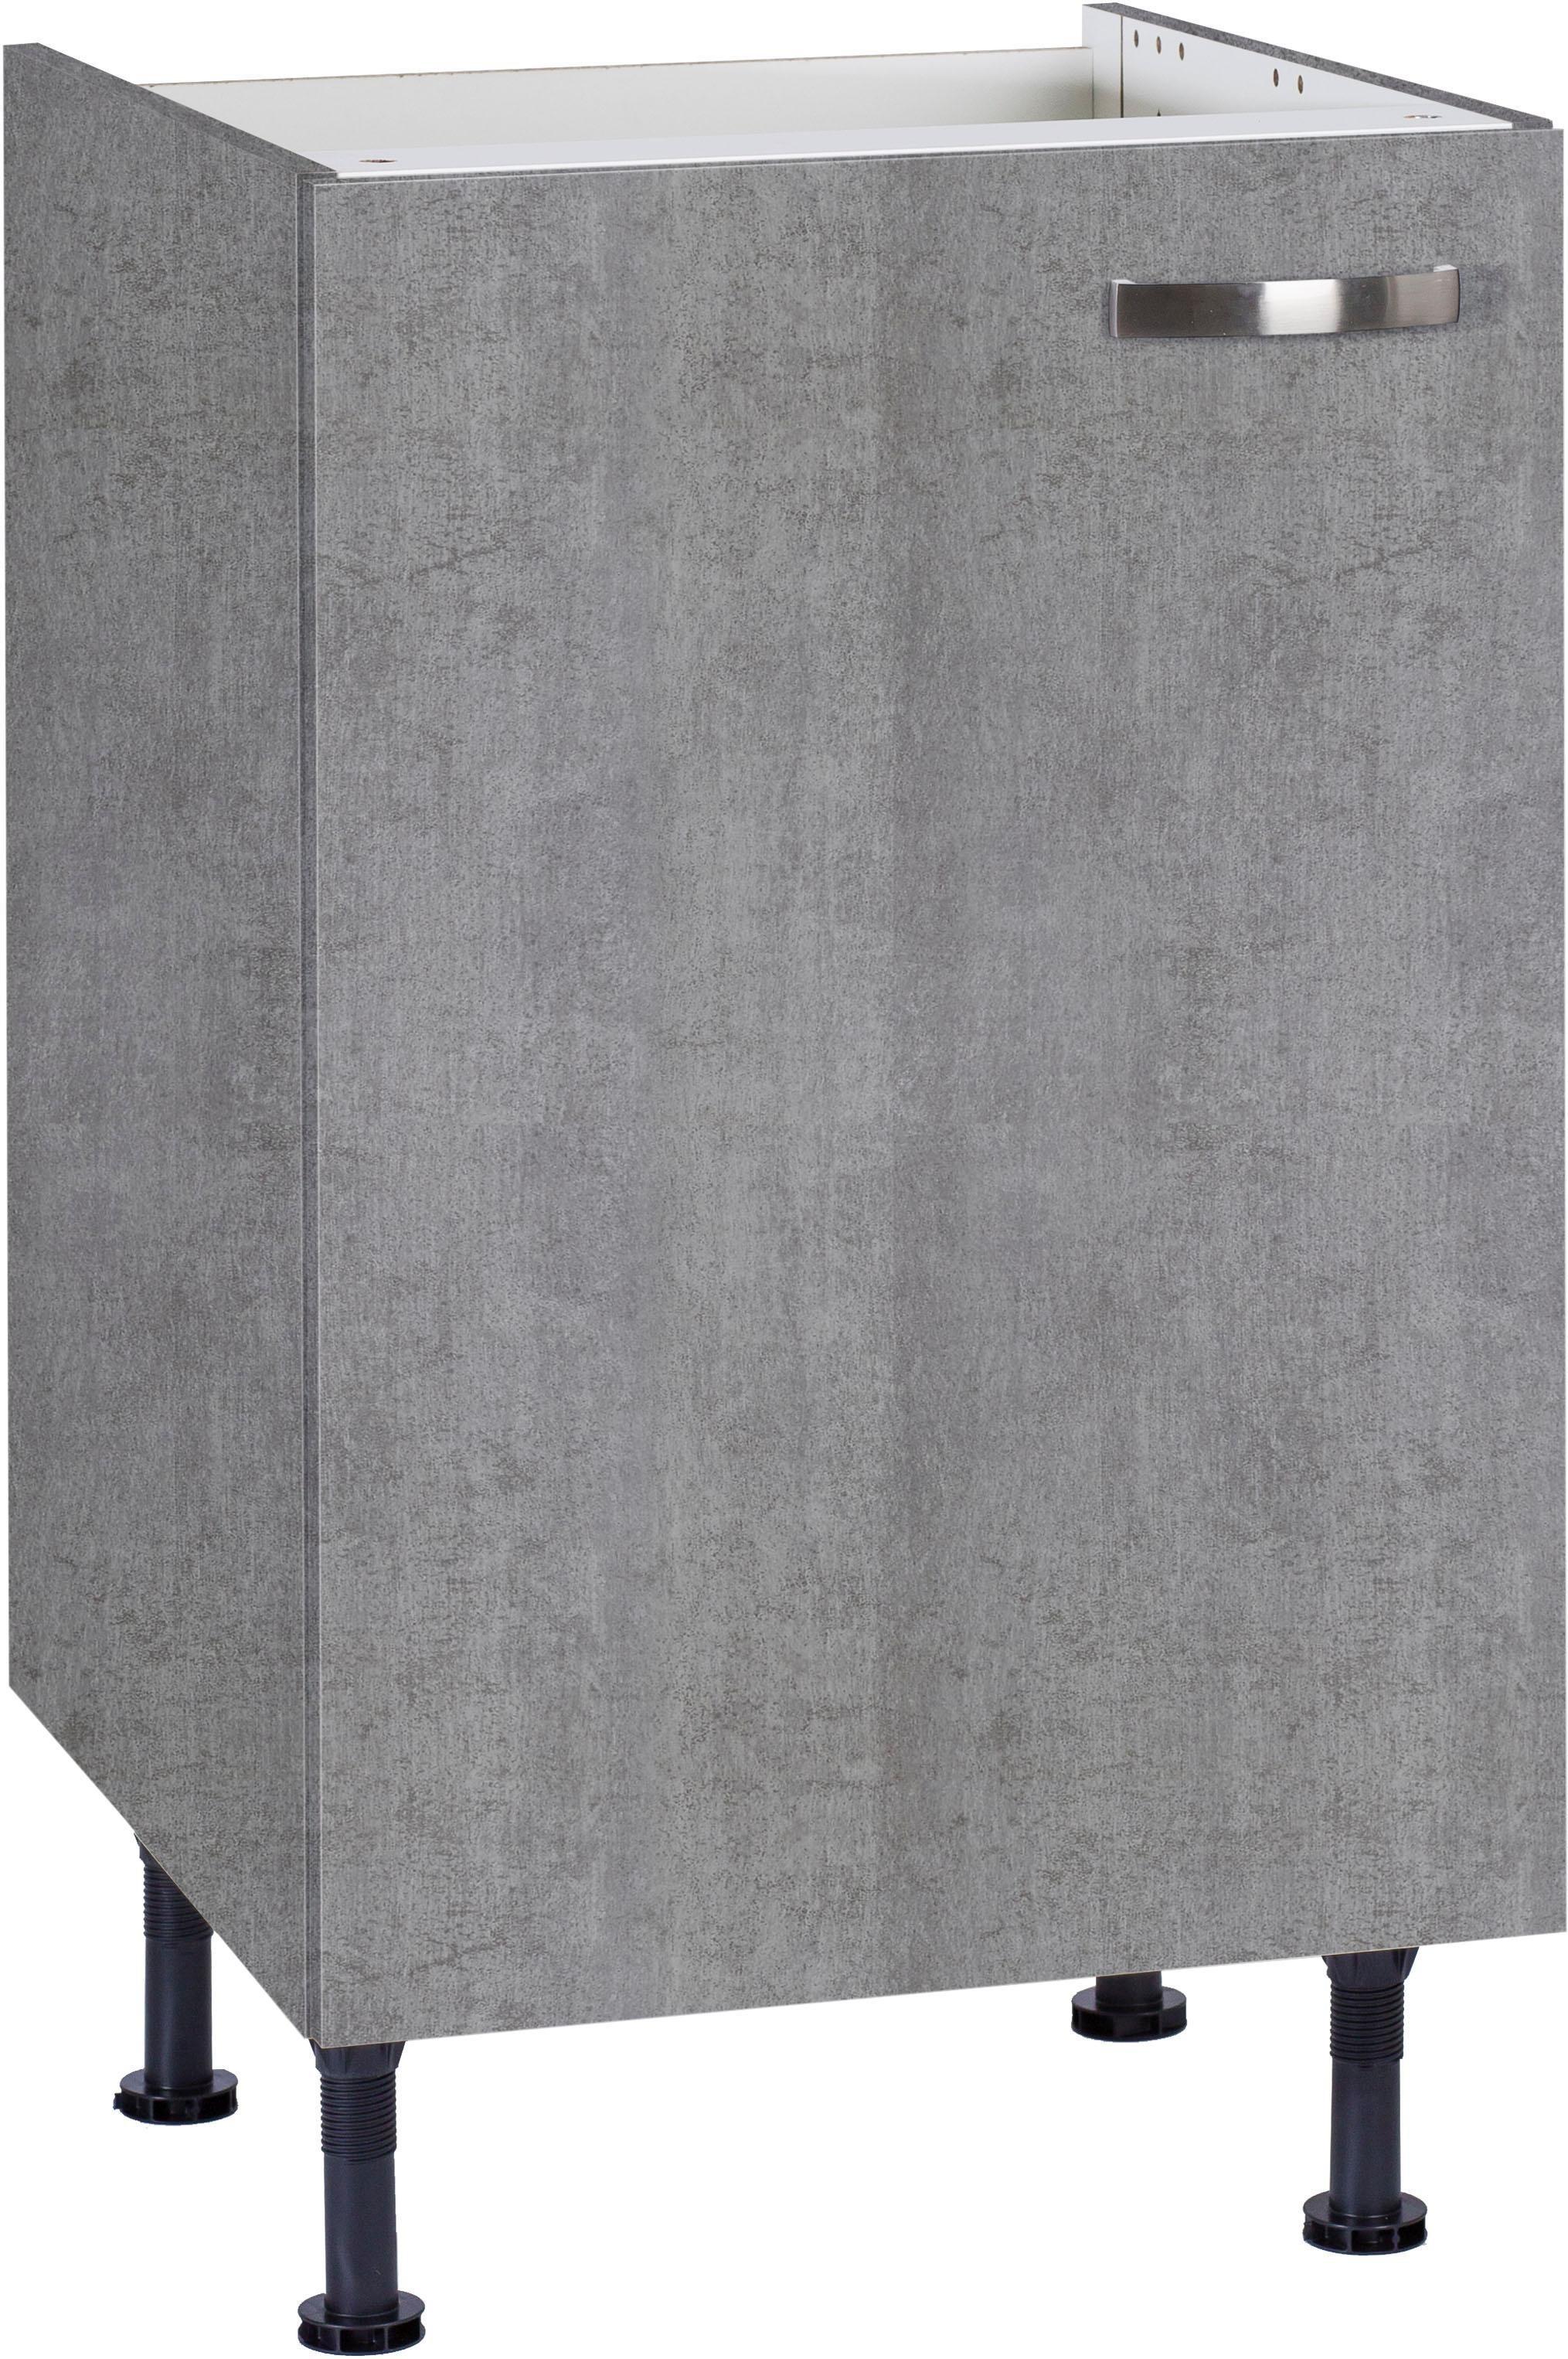 OPTIFIT »Cara« Spülenschrank, Breite 50 cm | Küche und Esszimmer > Küchenschränke > Spülenschränke | Anthrazit - Weiß - Glanz | Beton - Glänzend - Mdf - Melamin | OPTIFIT